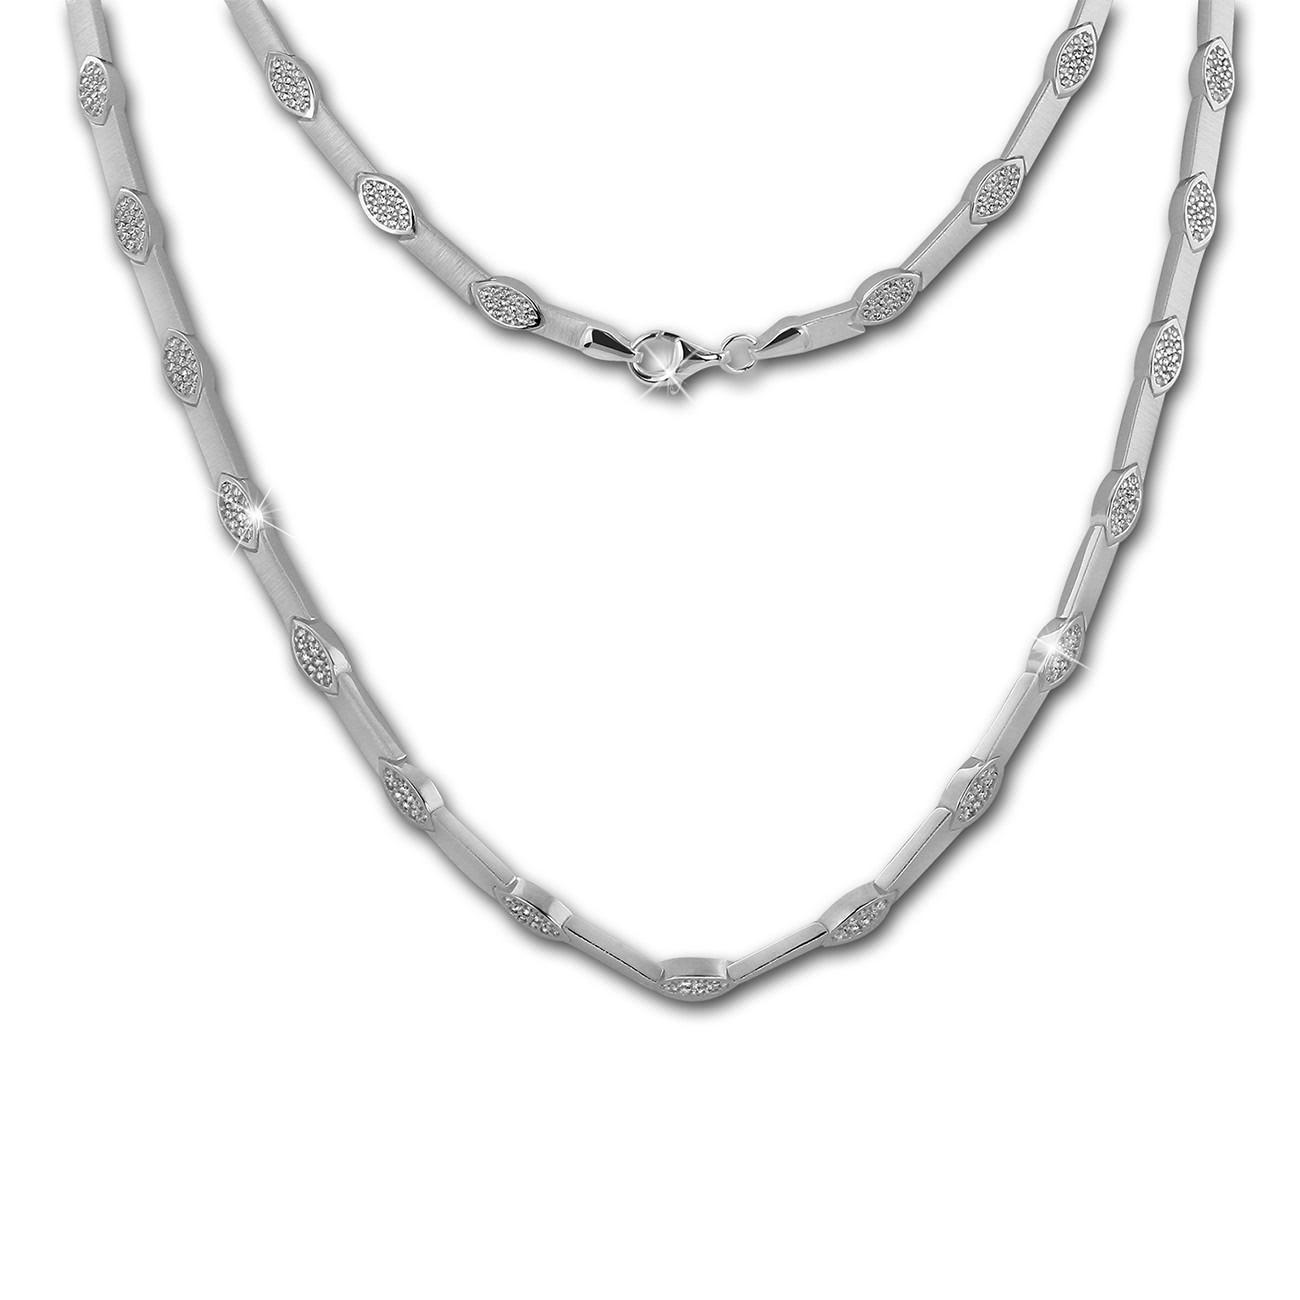 SilberDream Collier Eye Zirkonia weiß 925er Silber 45cm Halskette SDK462W